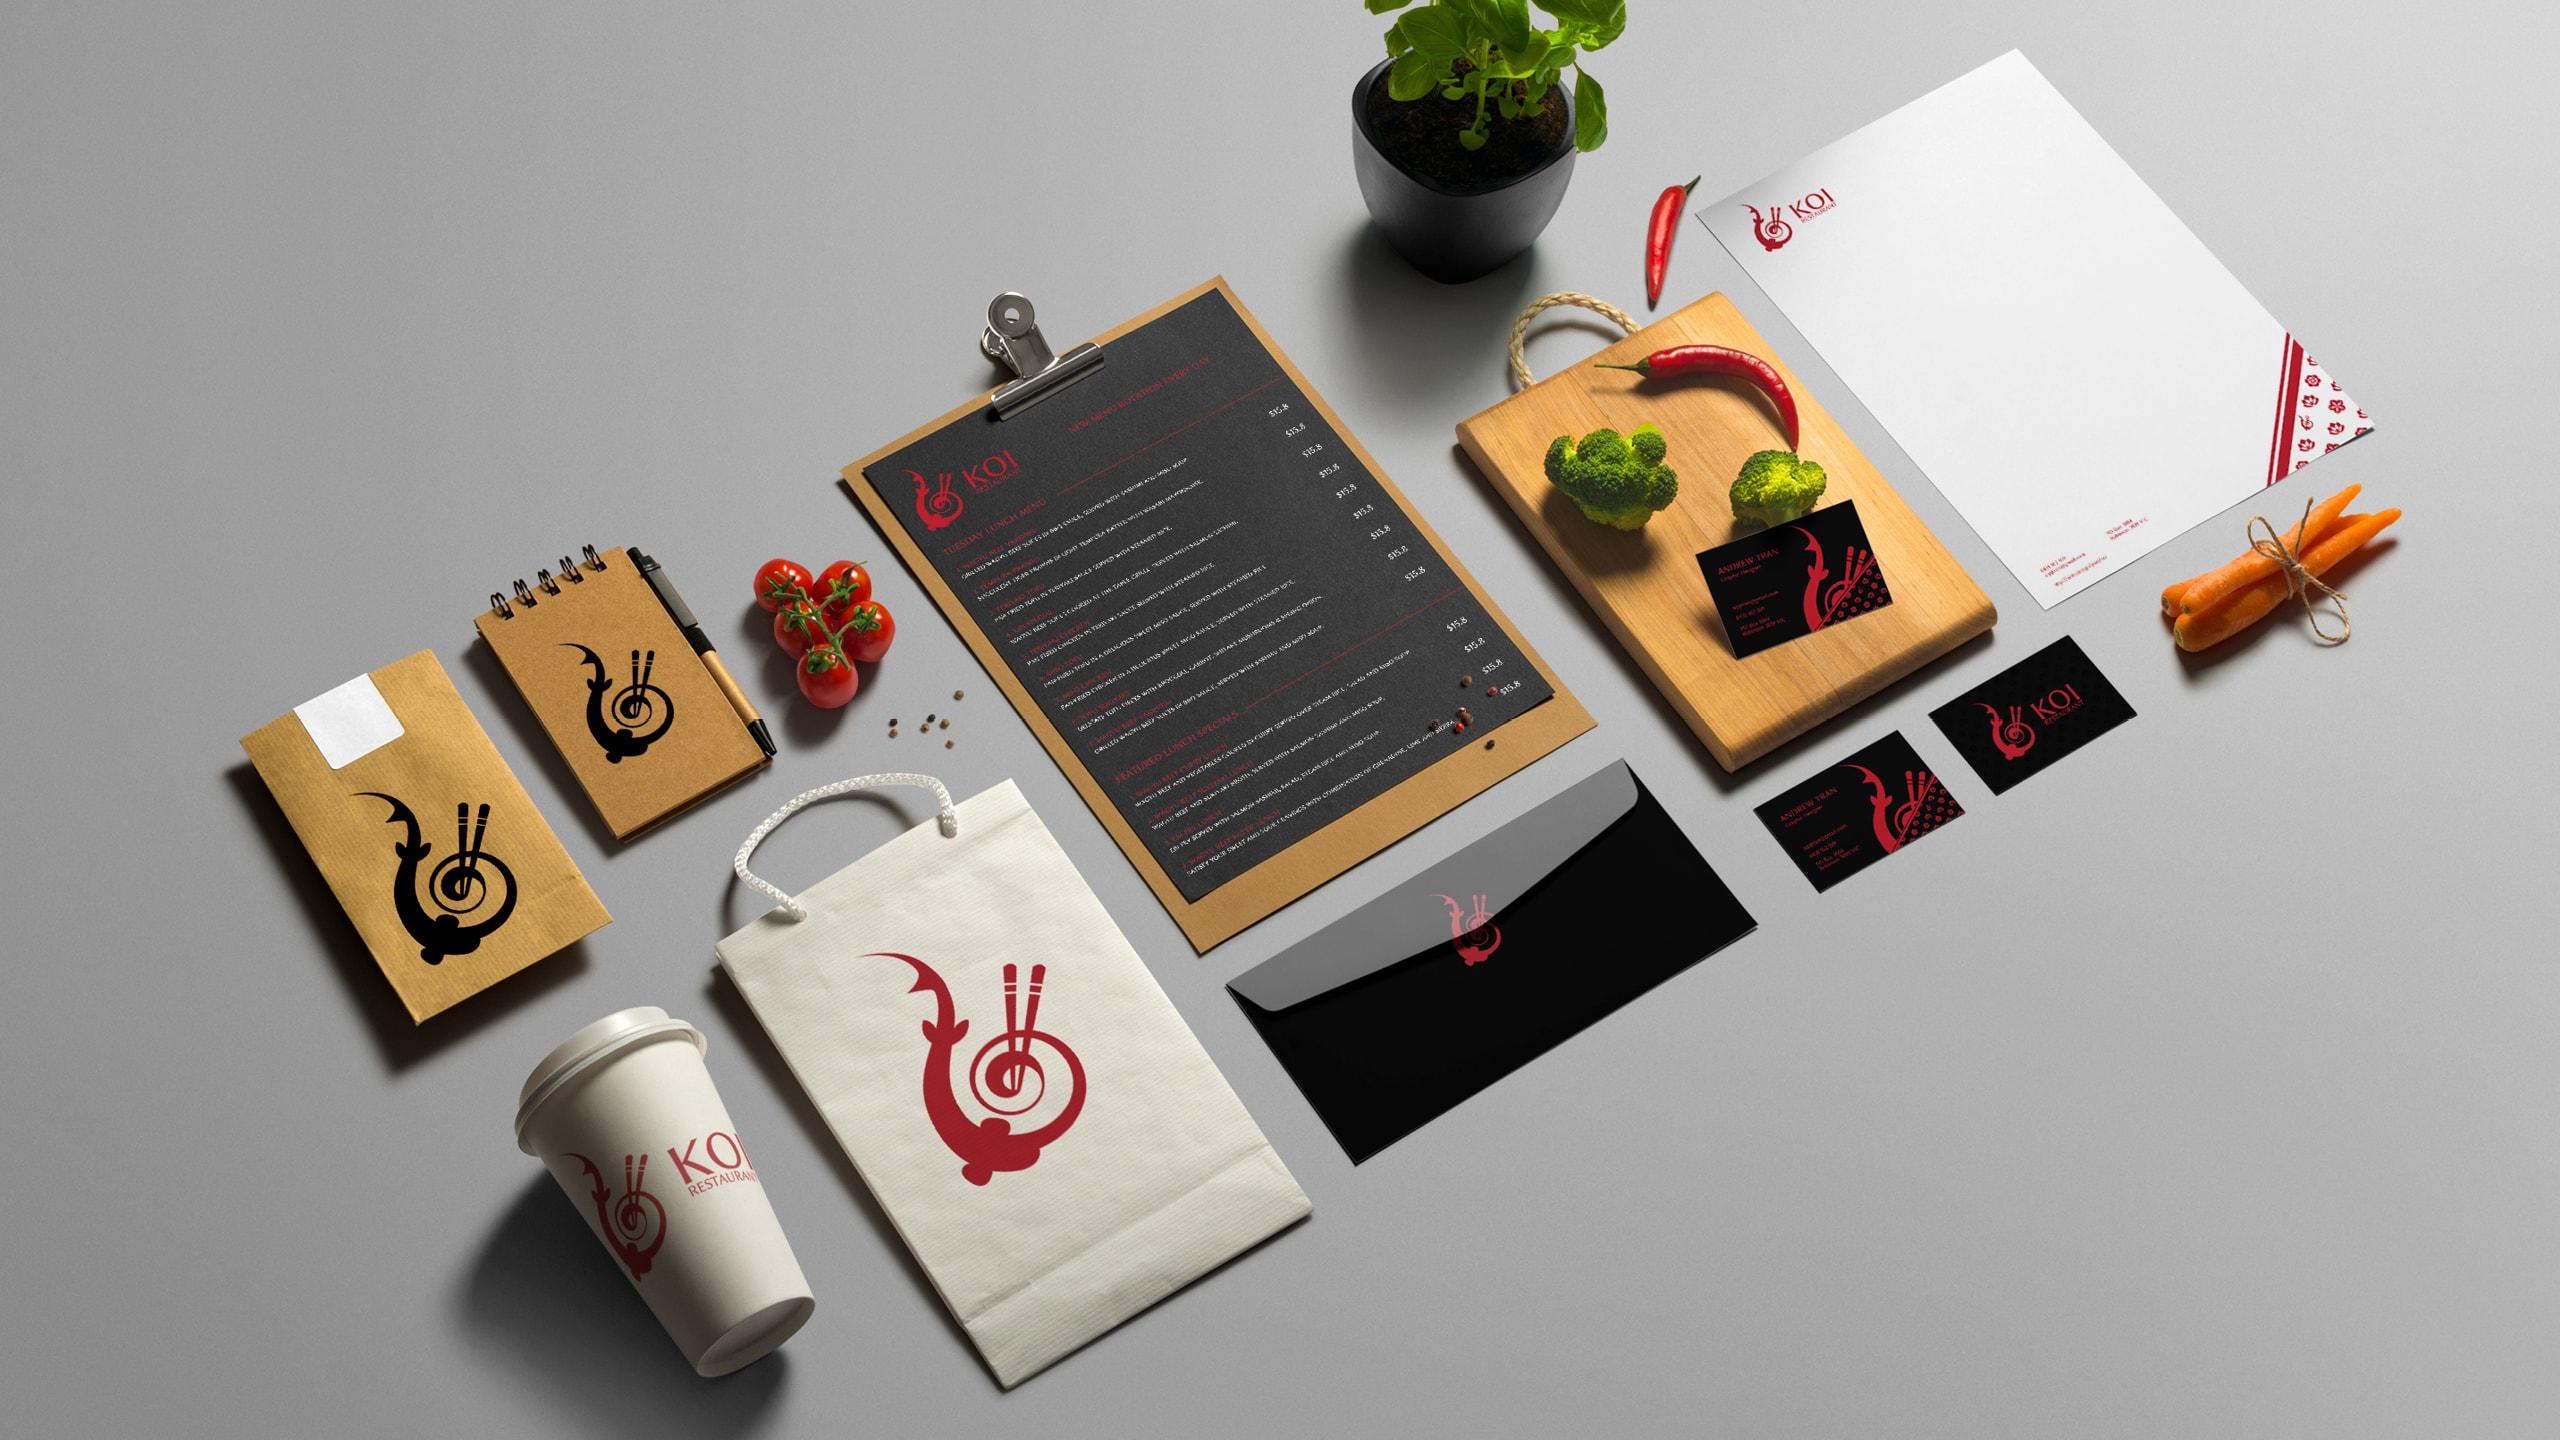 Koi branding mockups